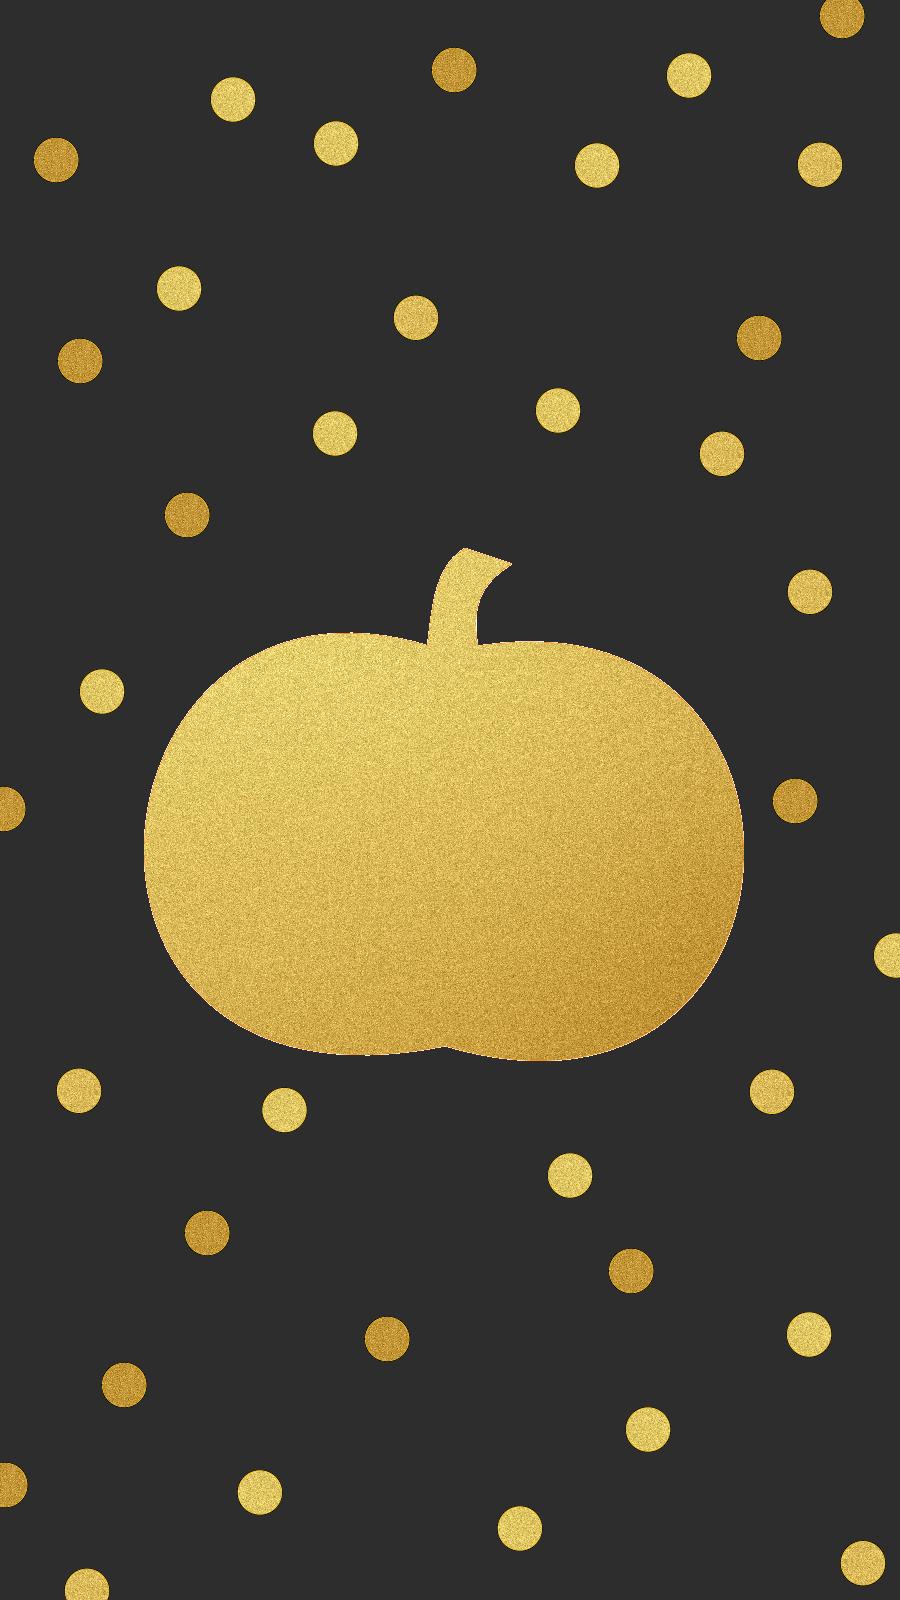 Dark Fall Android Wallpaper Gold Pumpkin Cell Phone Wallpaper Halloween Wallpaper